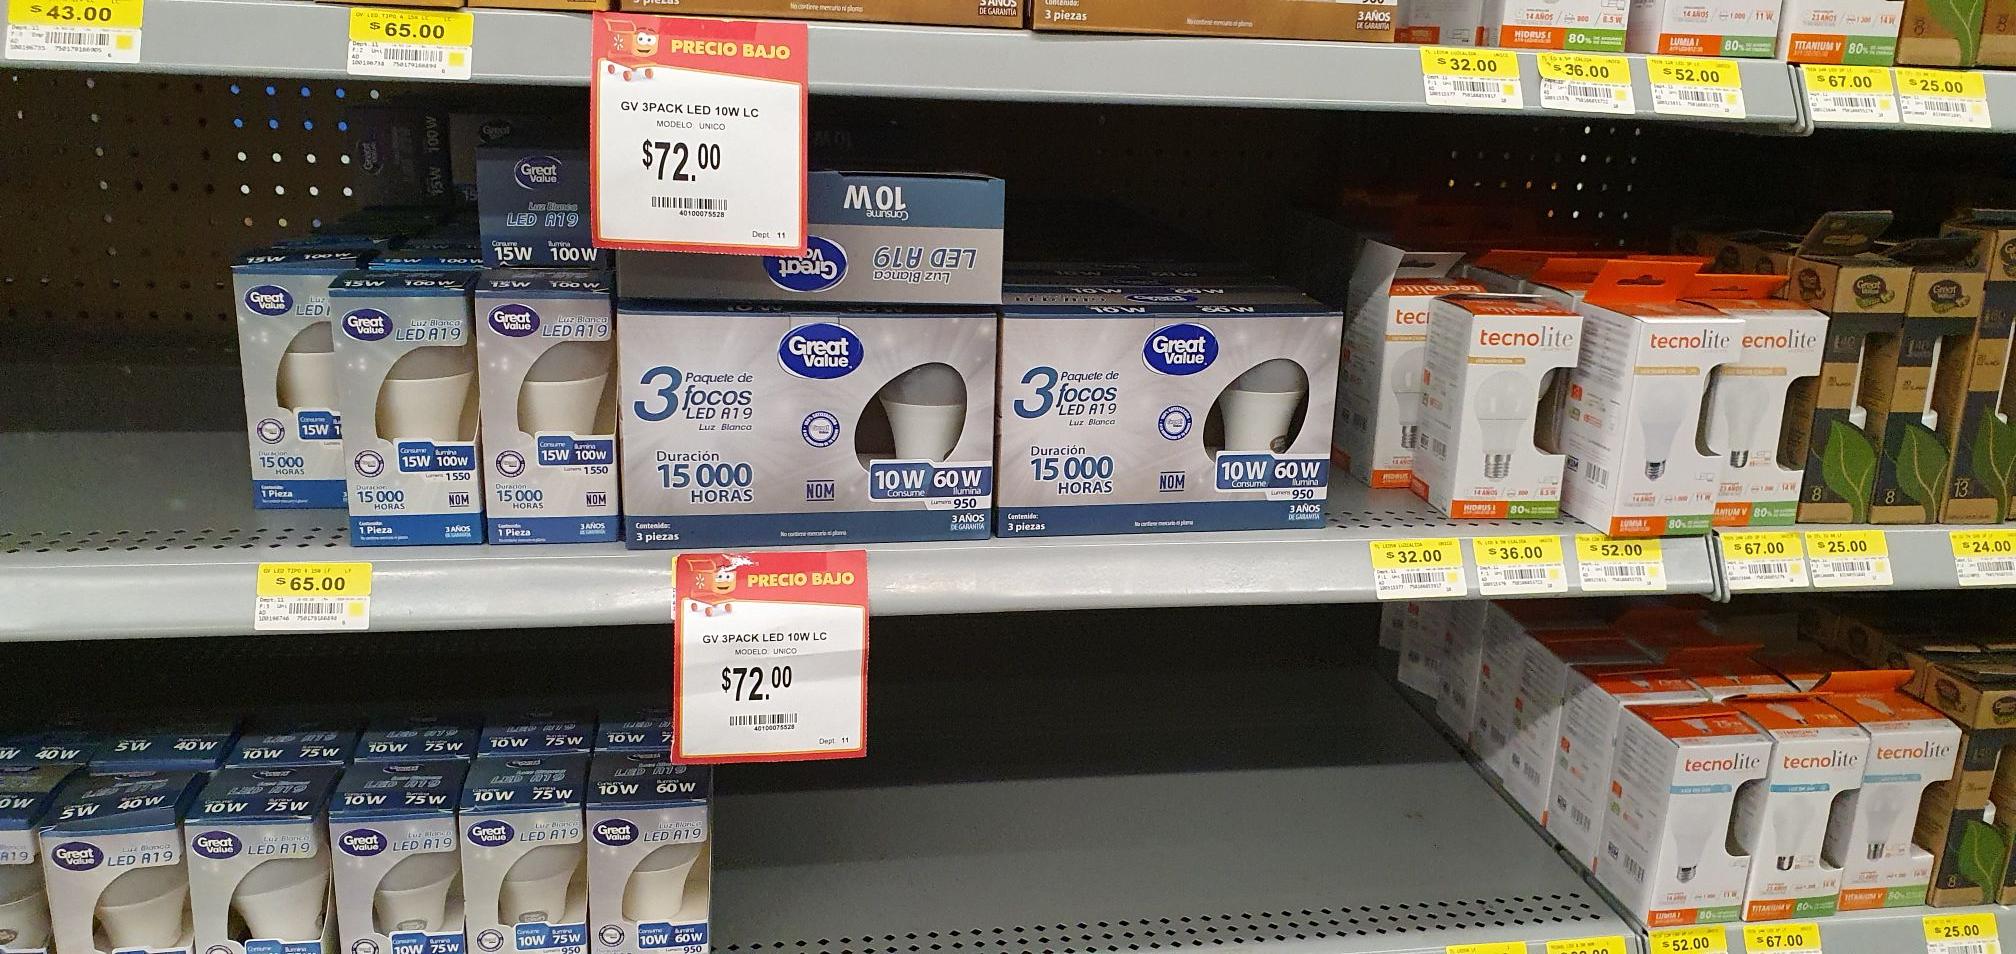 Walmart: 3 focos led | Great Value 950 lumens